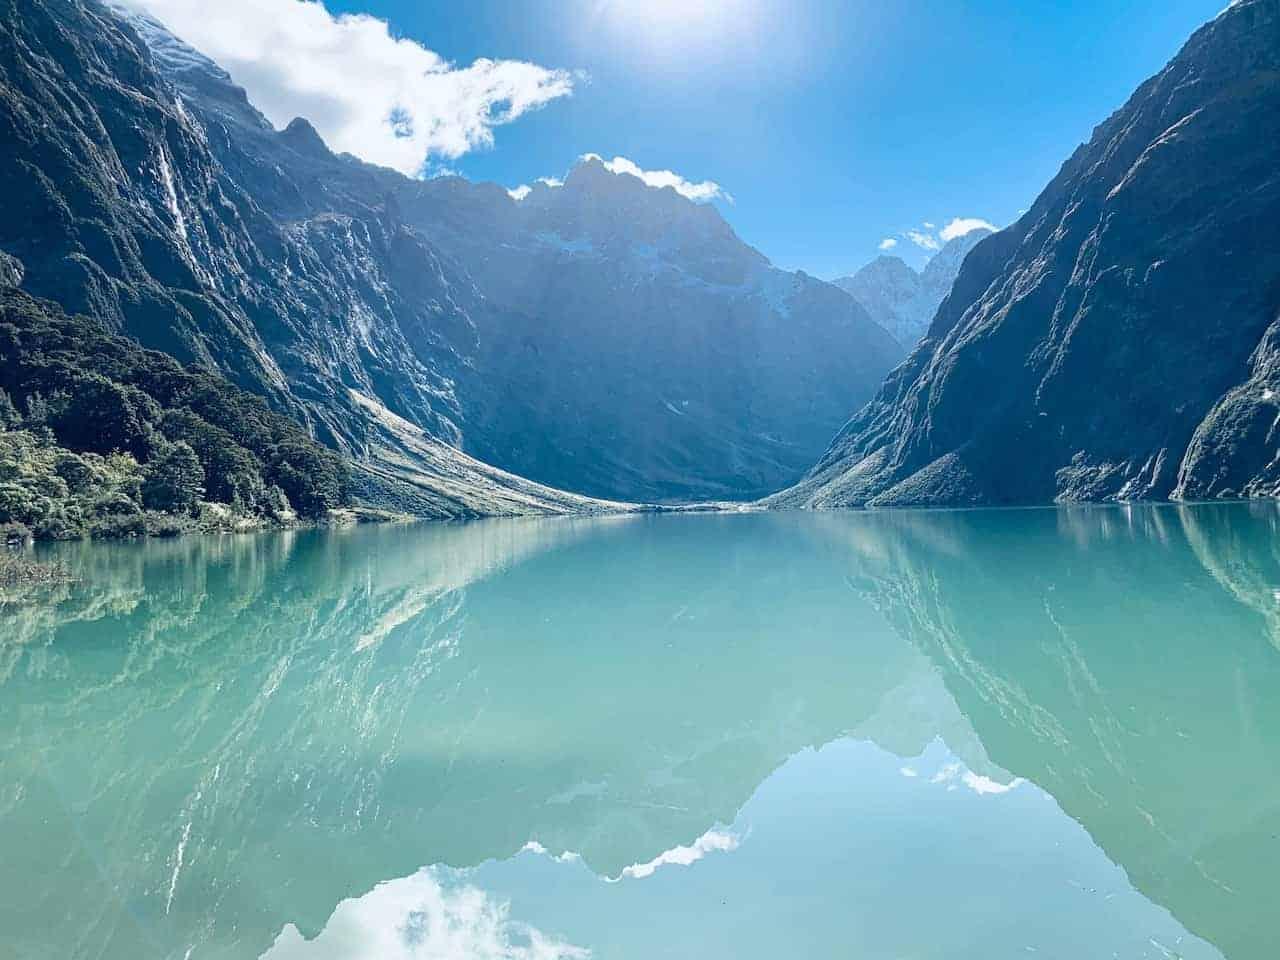 Lake Marion New Zealand